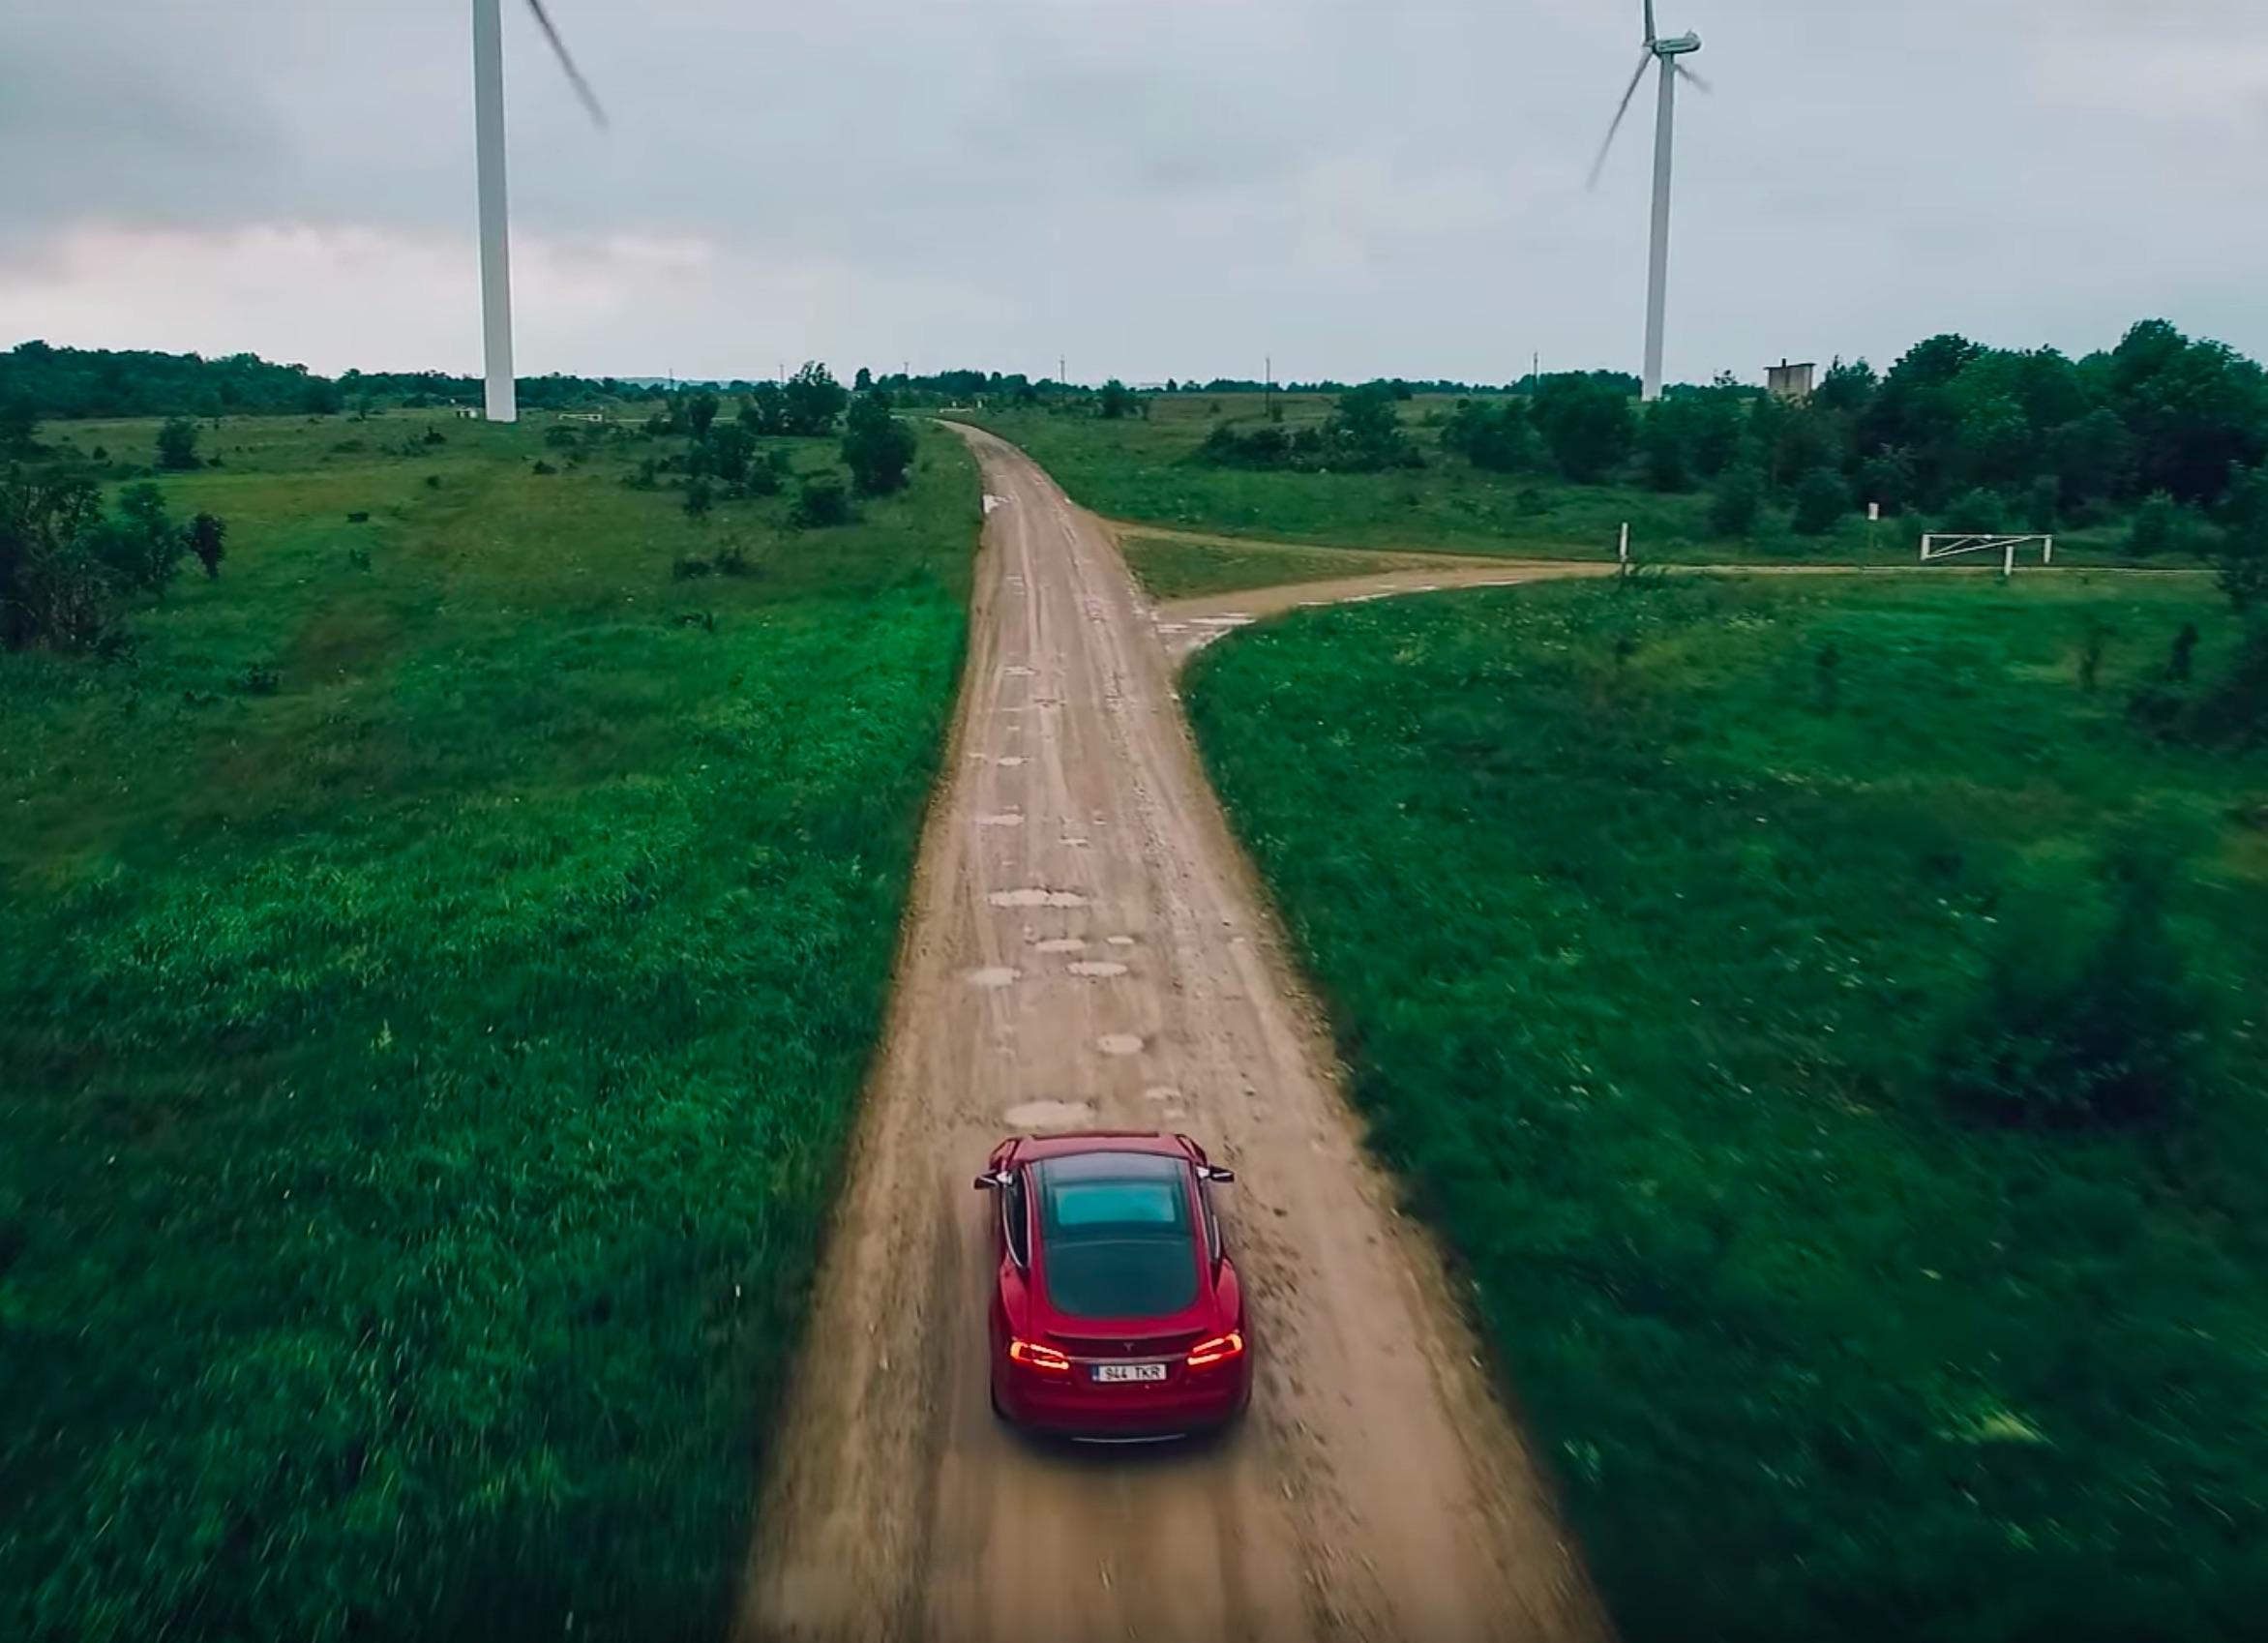 red-tesla-trunk-windmill-estonia